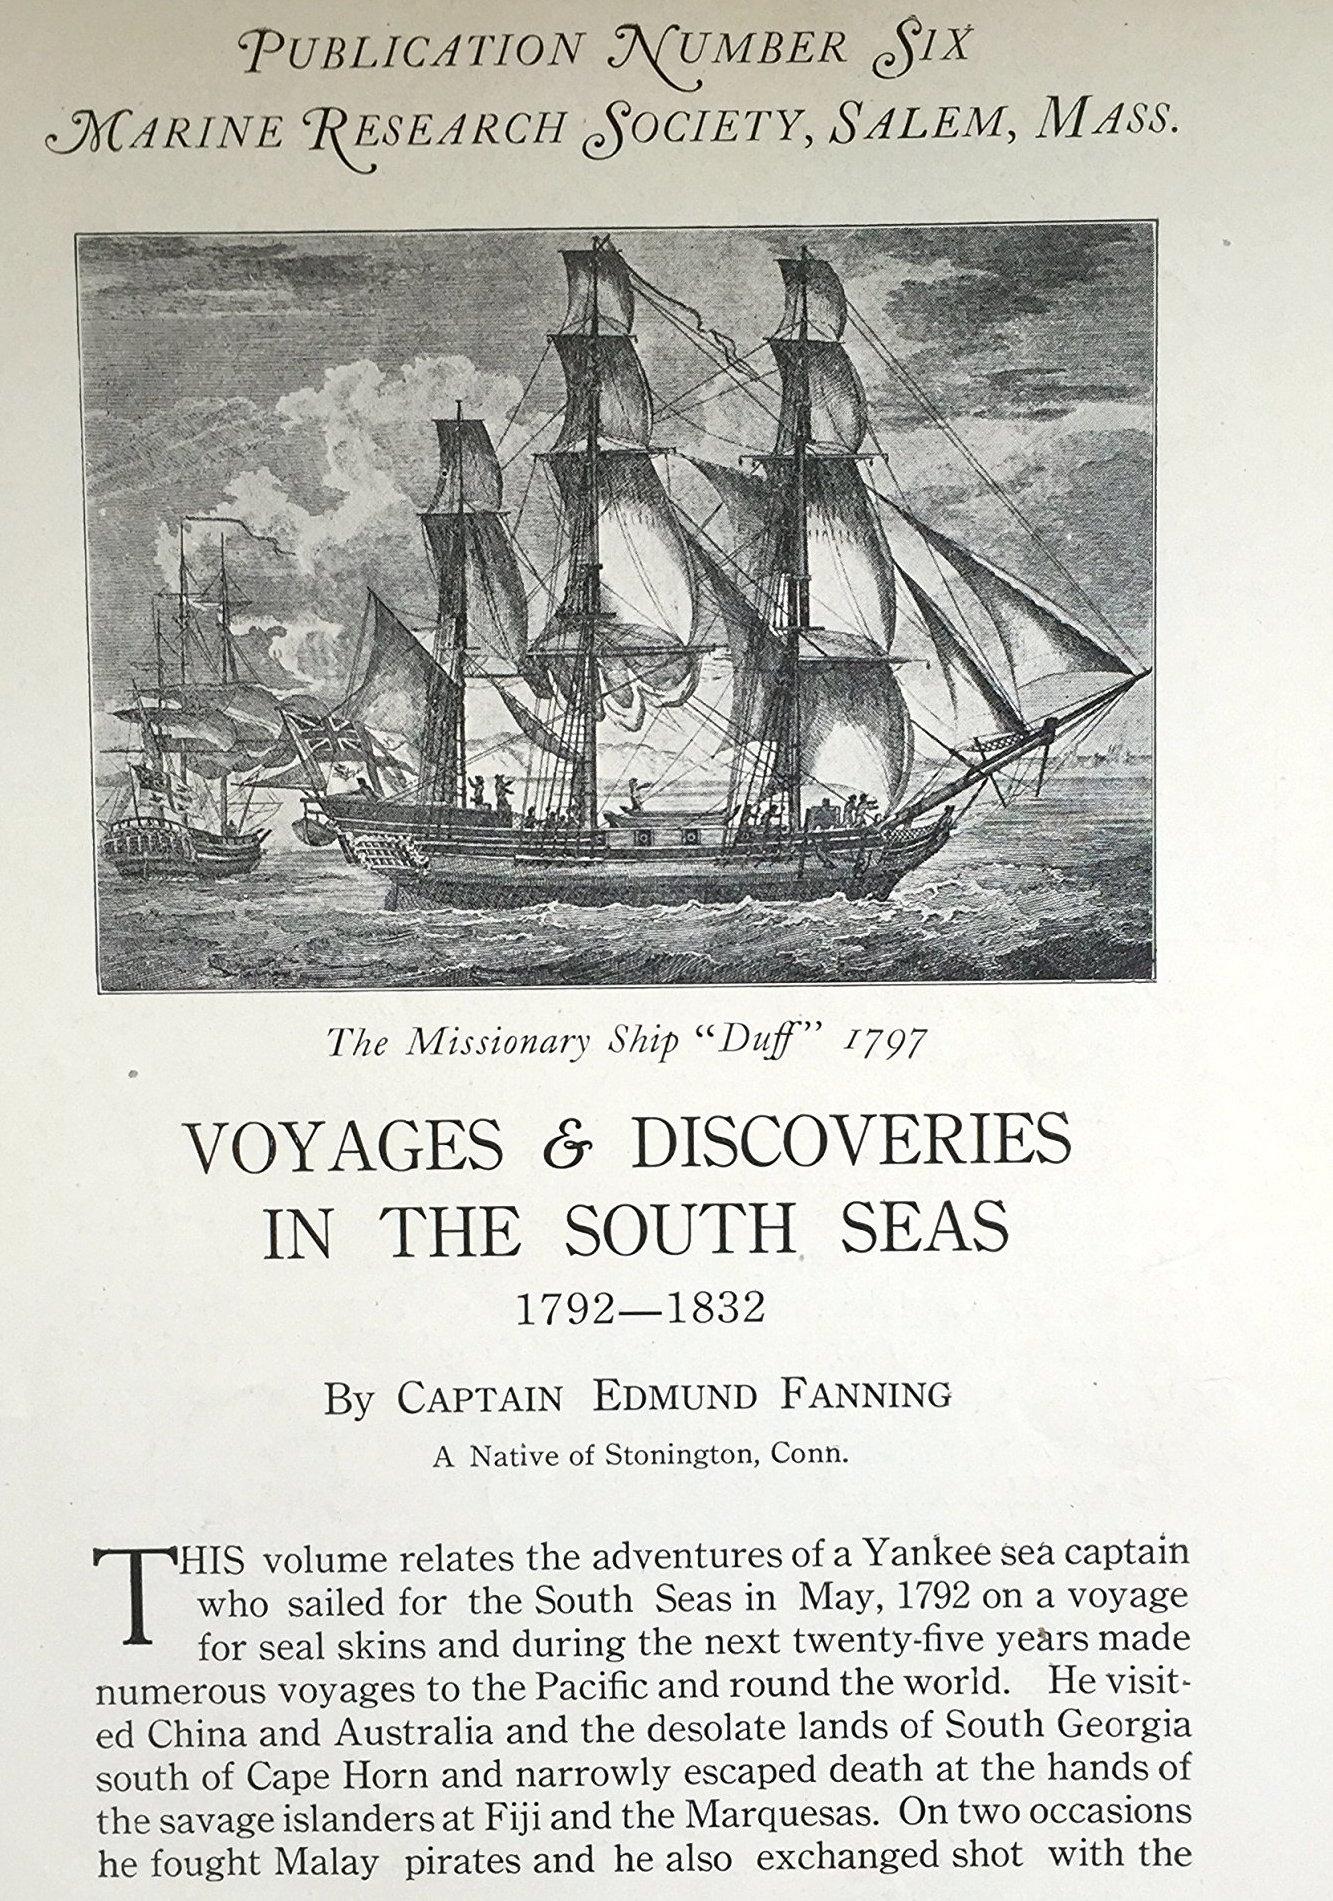 La première page du livre que Fanning consacra à ses aventures dans les Mers du Sud entre 1792 et 1832.